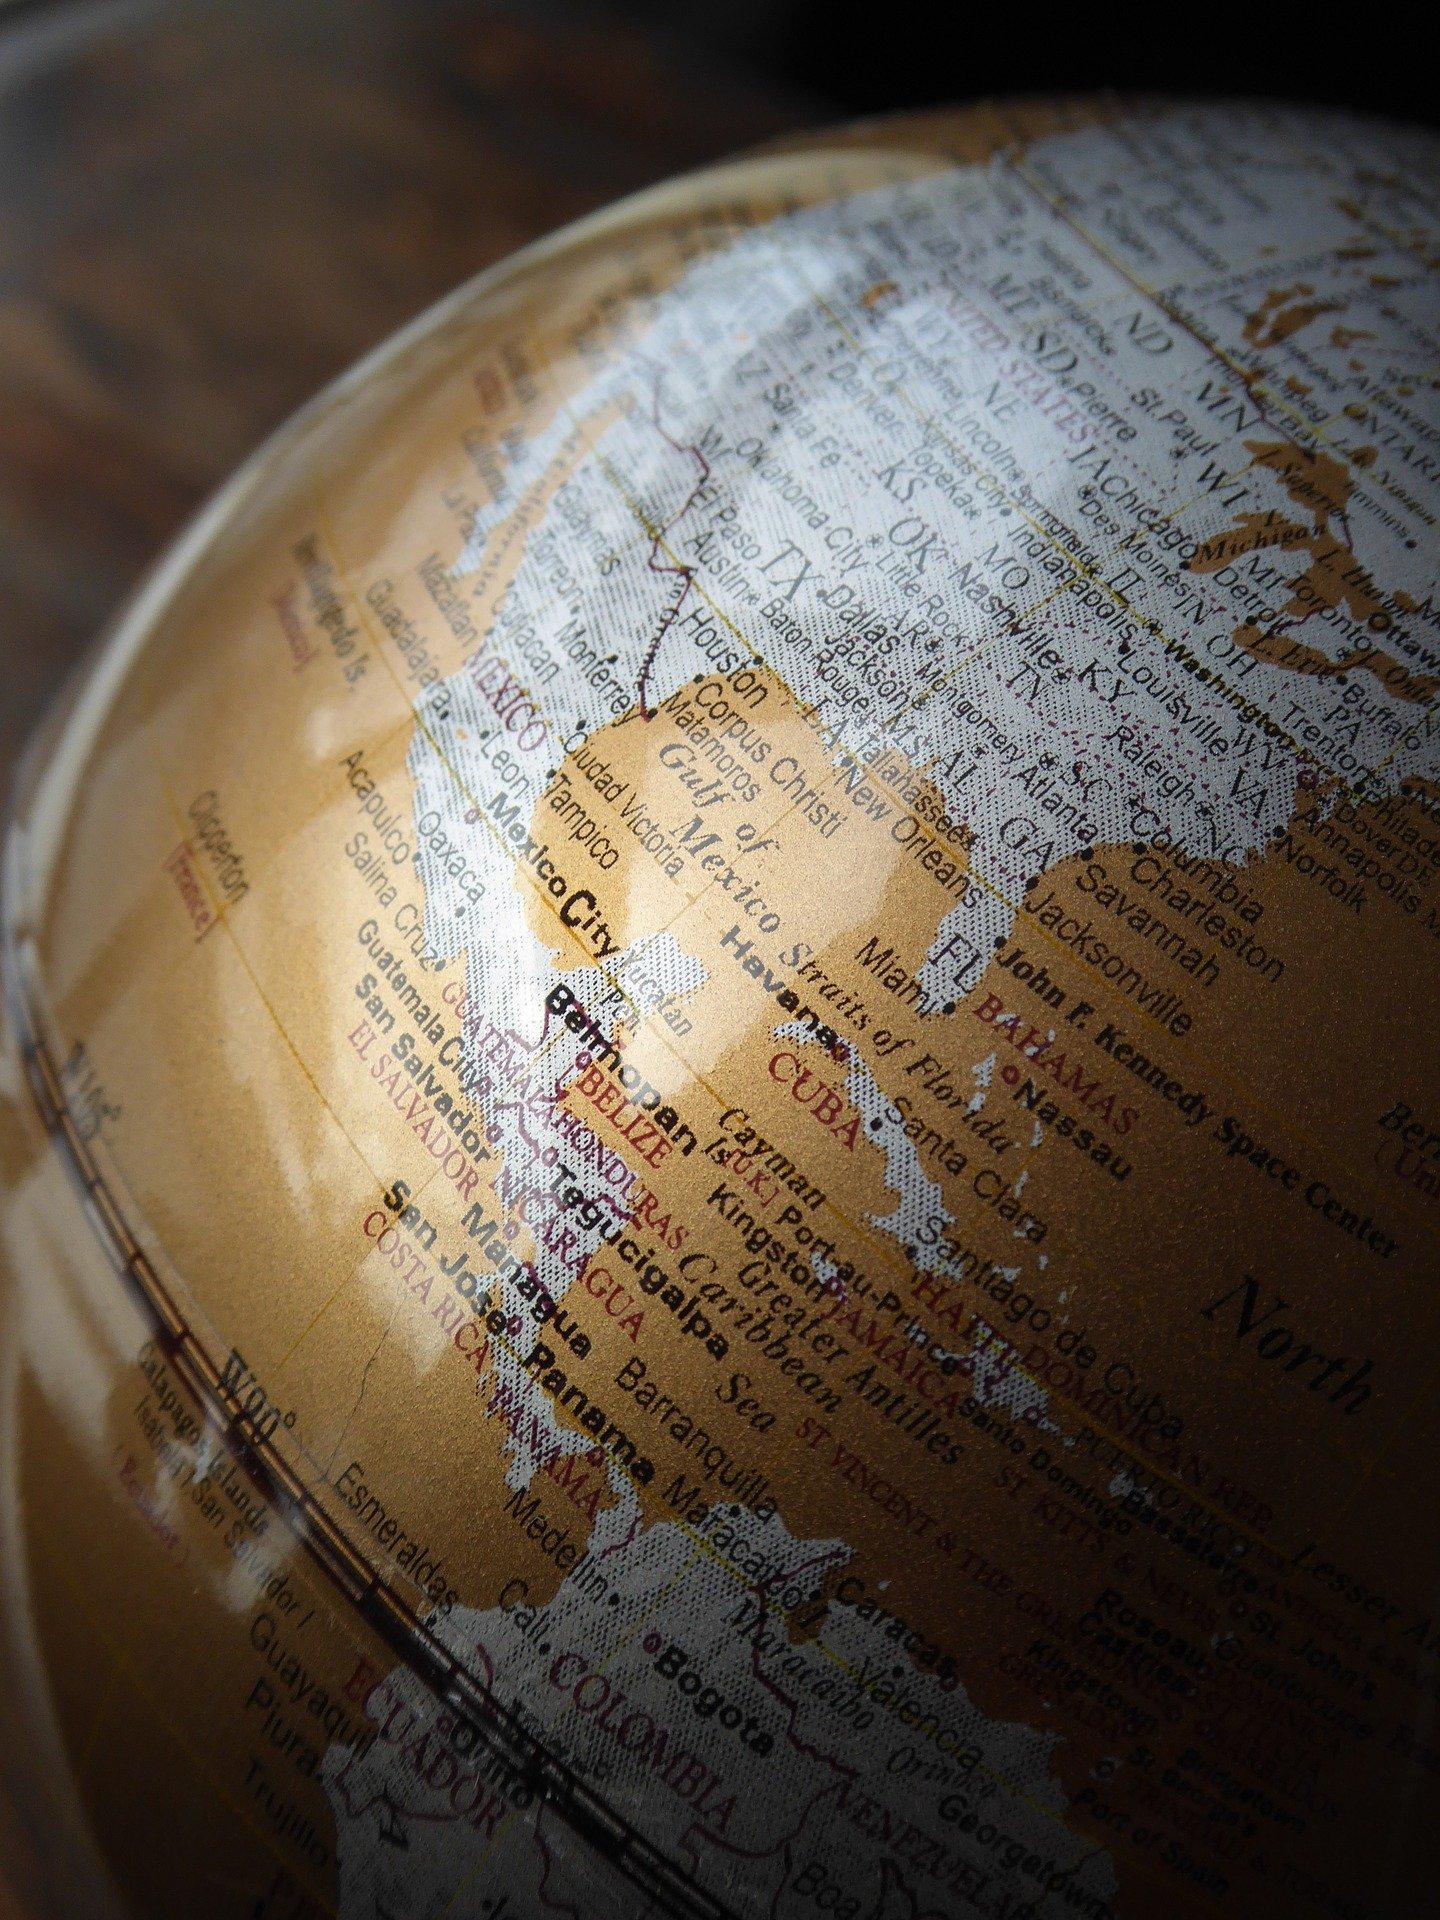 Global Travel Writers